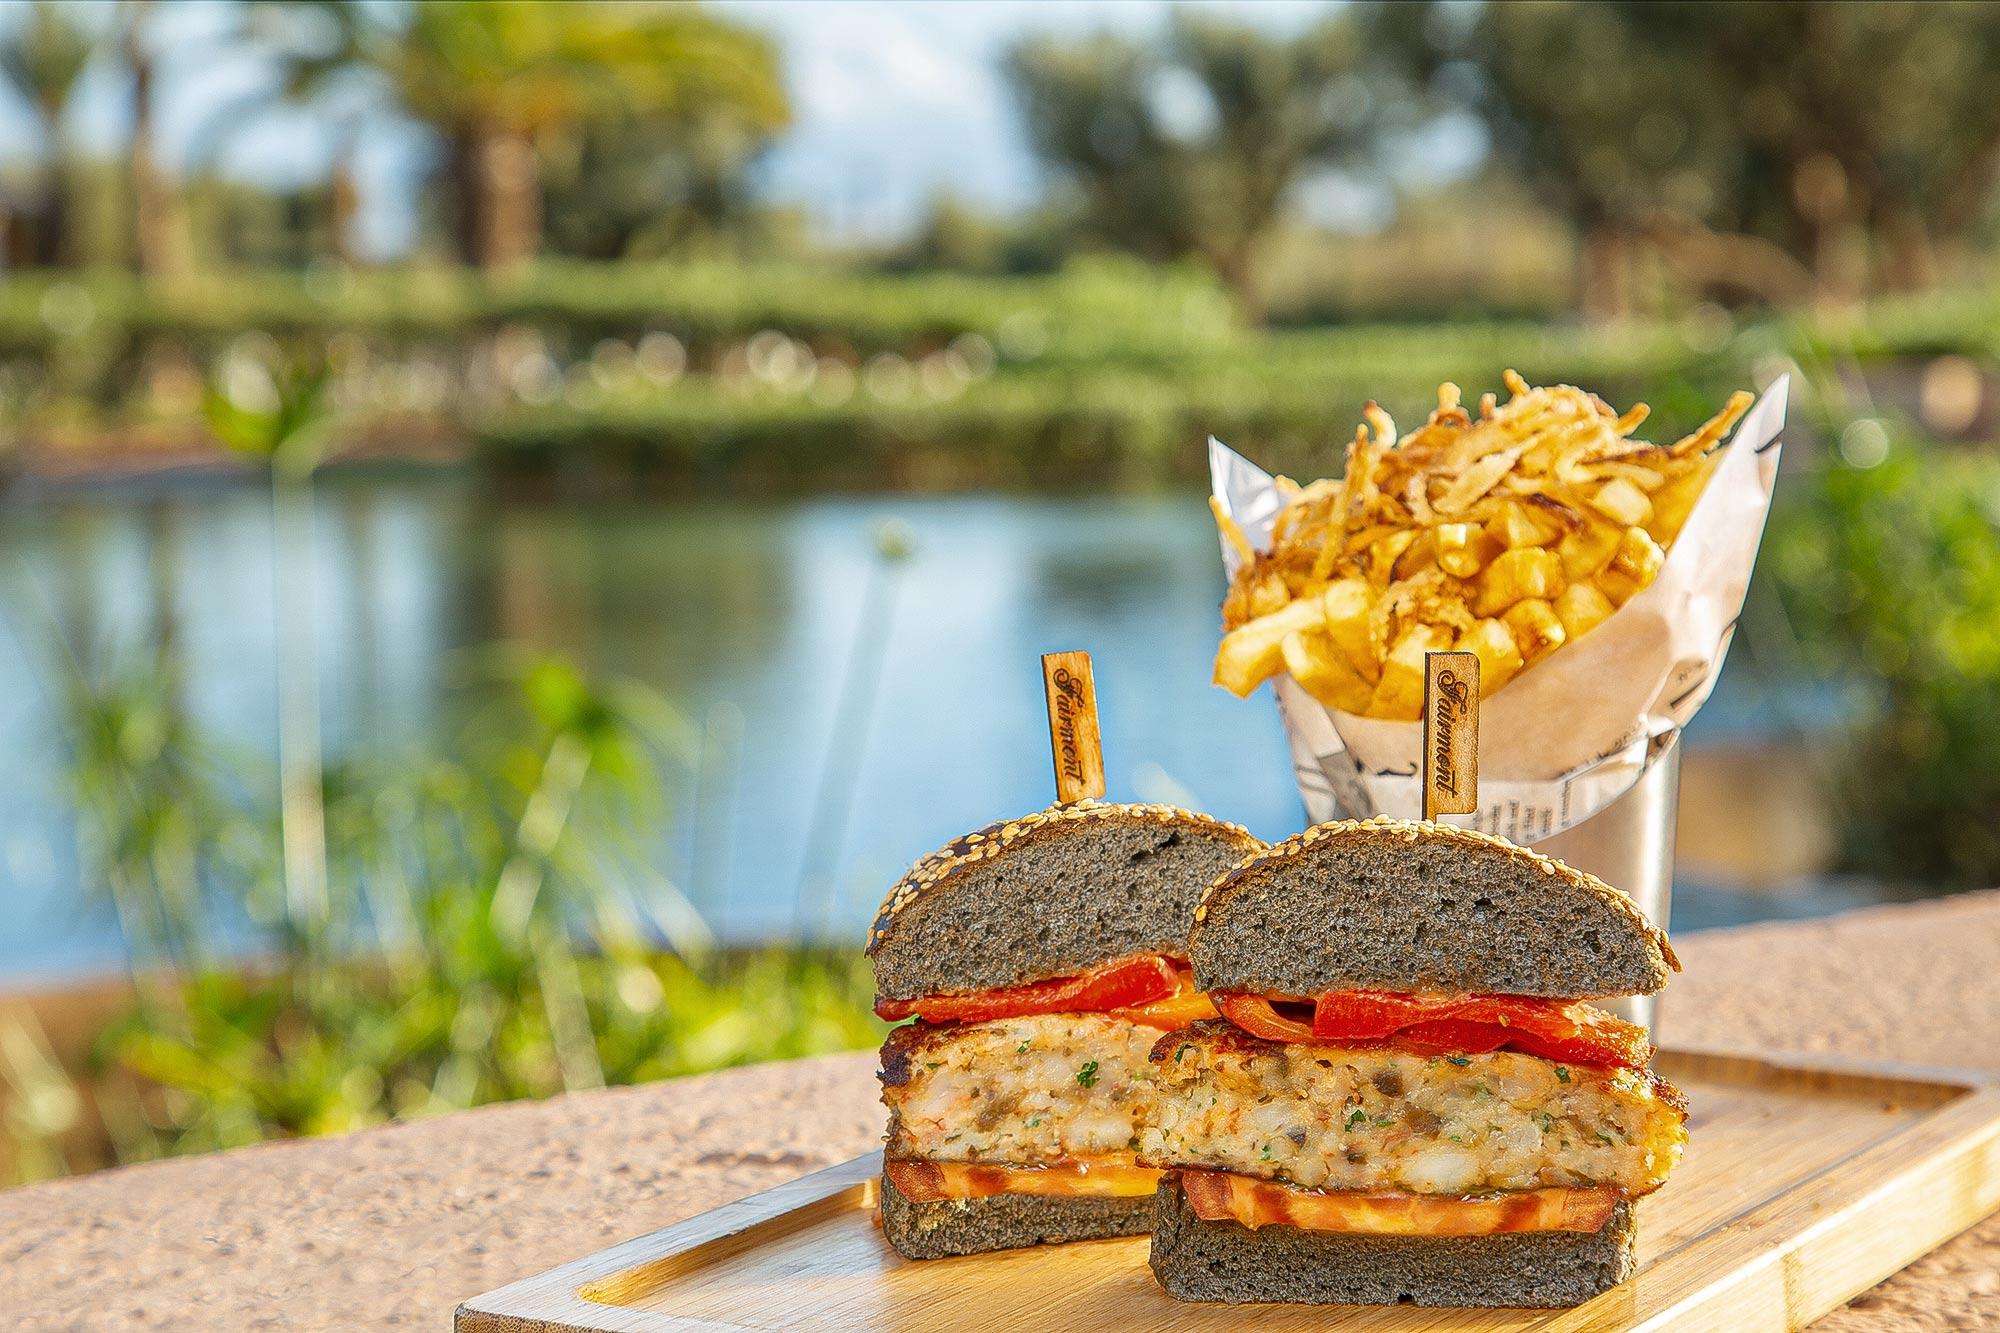 Burgerfotografie – Foodfotografie von Hotel und resortfotograf Adrian Kilchherr ; Europa; Schweiz; Deutschland ; Oesterreich ; Weltweit